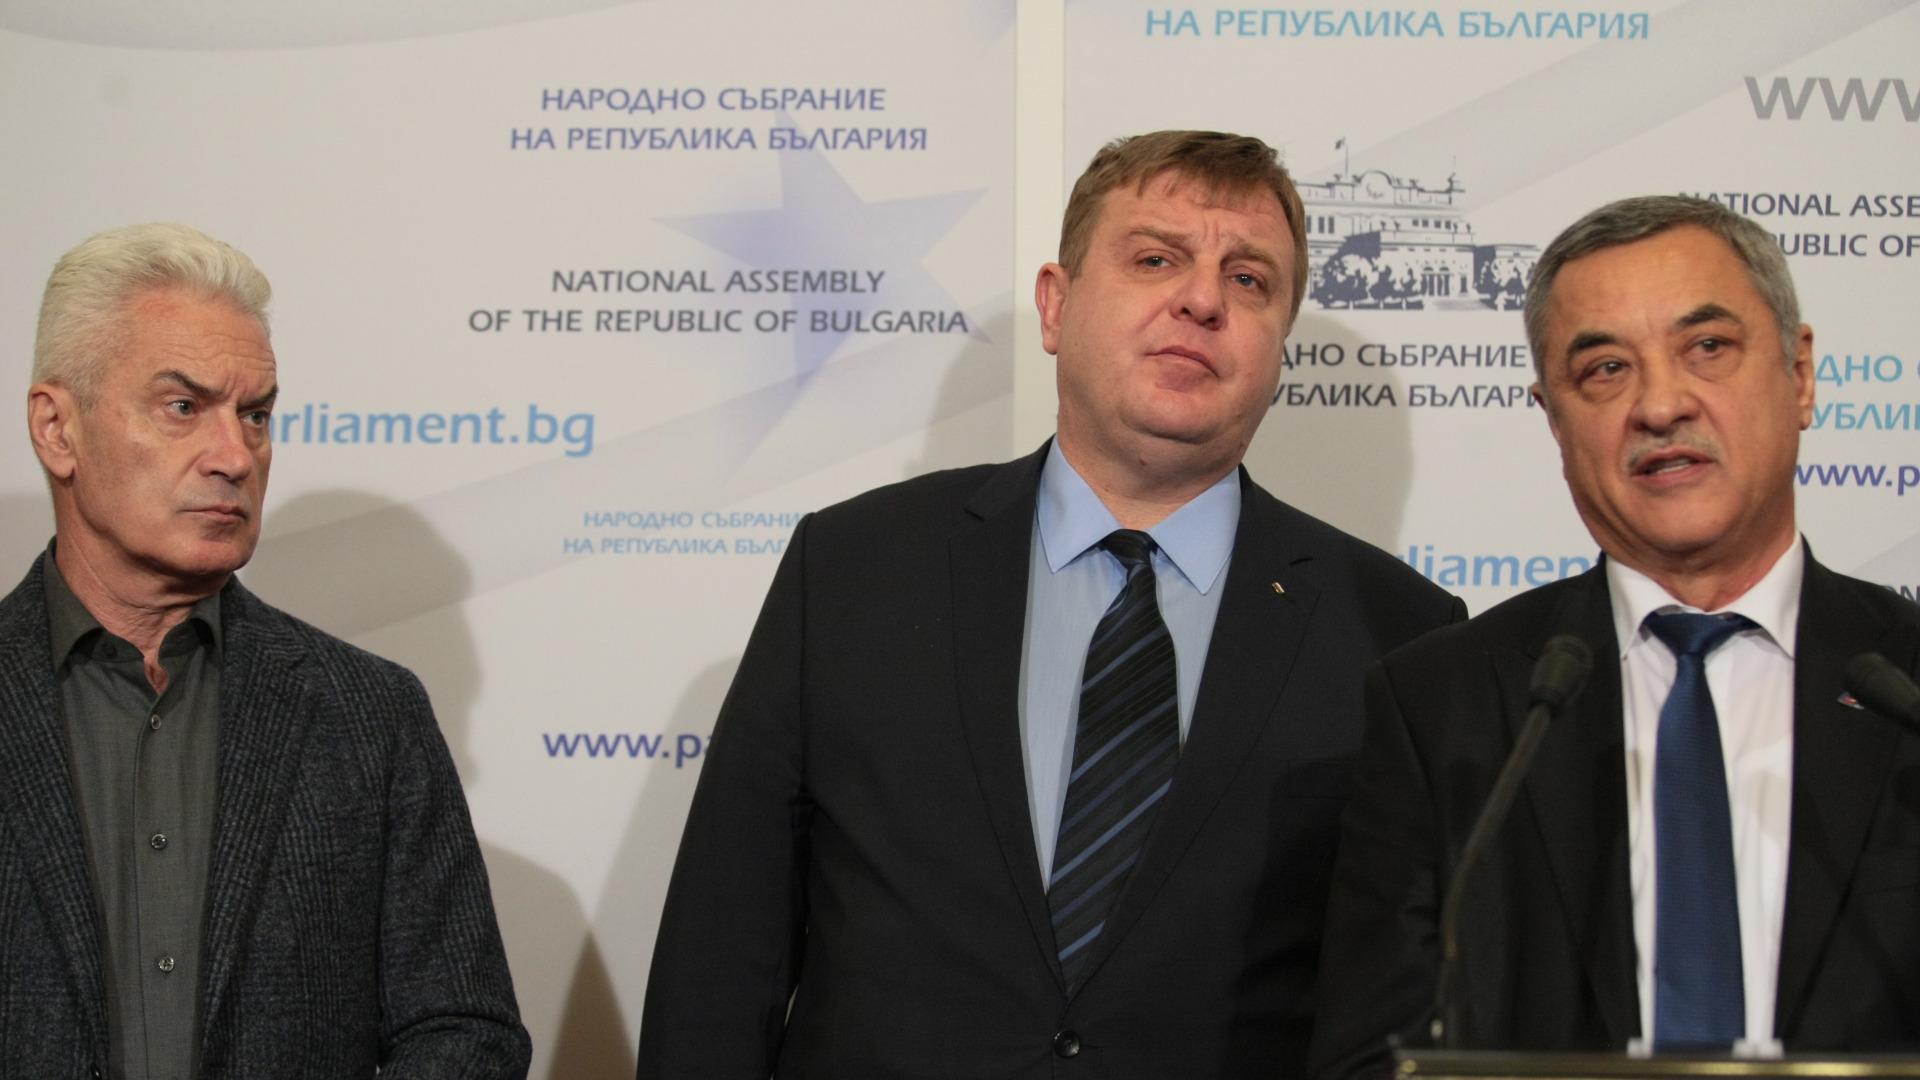 Волен Сидеров, Красимир Каракачанов и Валери Симеонов